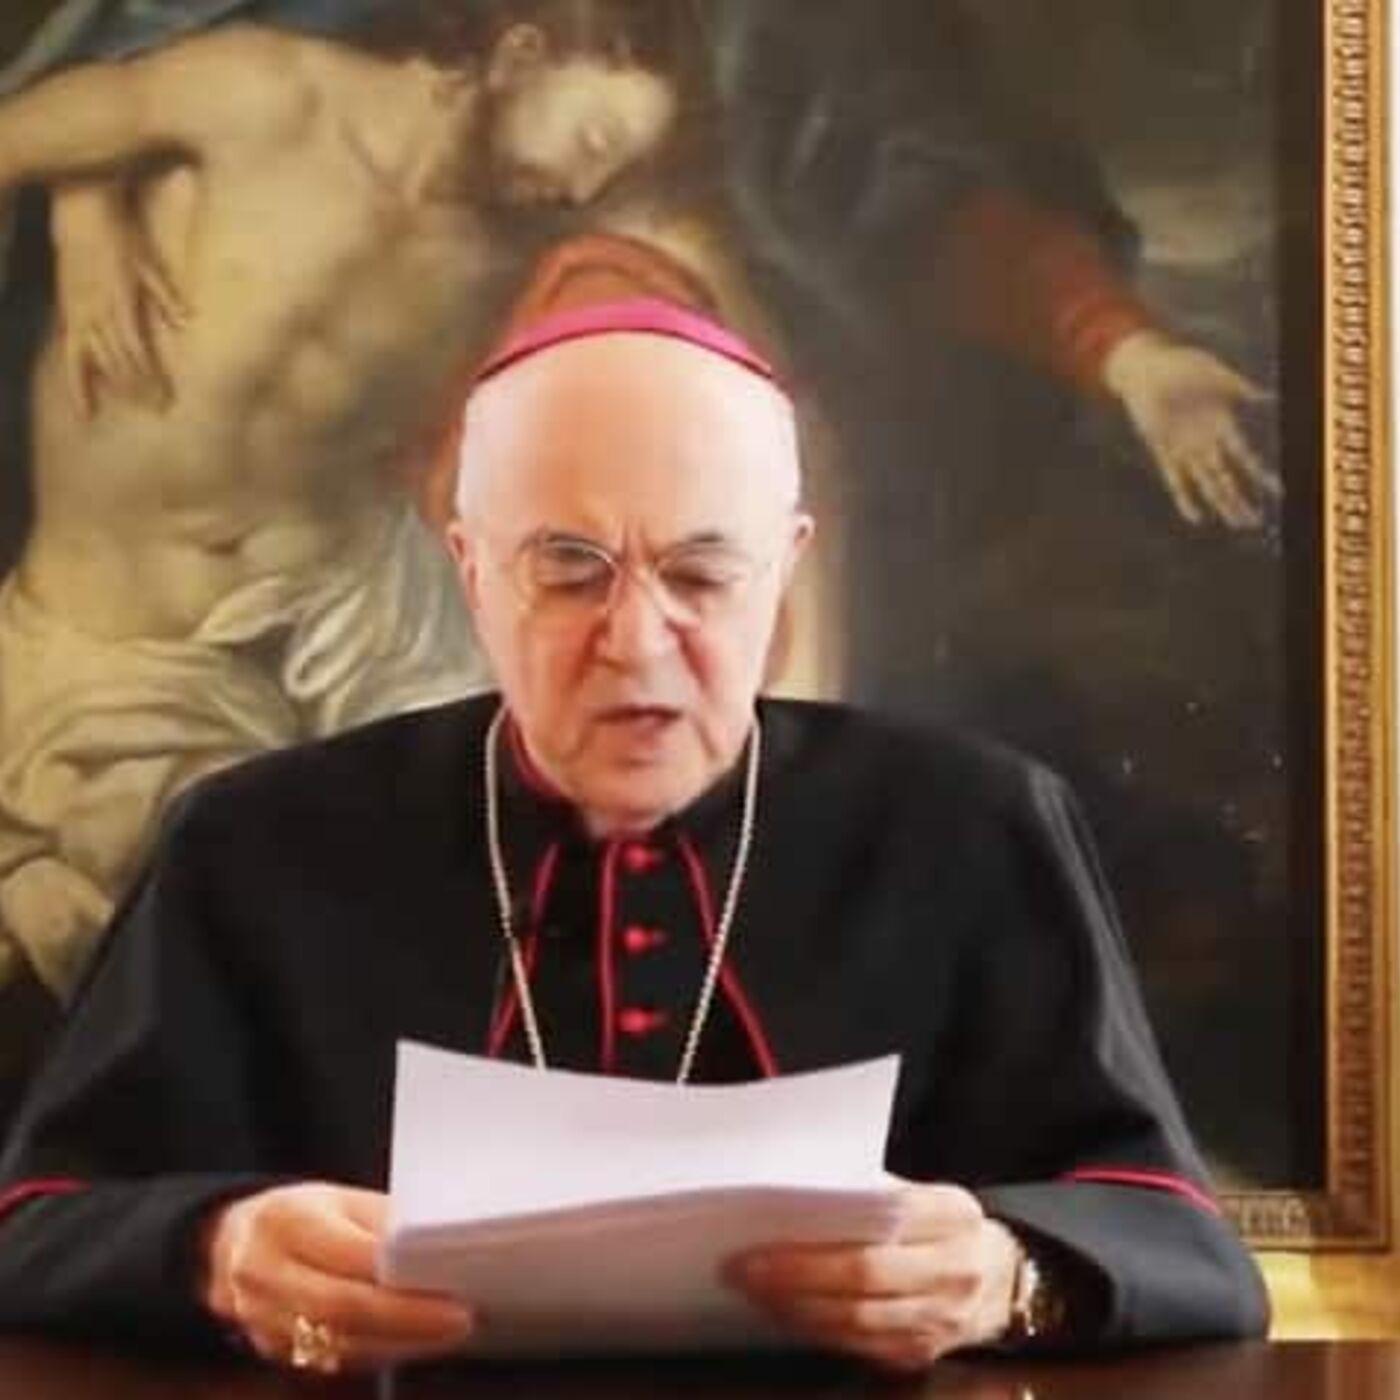 Cựu Sứ thần Tòa Thánh lên án gian lận bầu cử, kêu gọi cầu nguyện